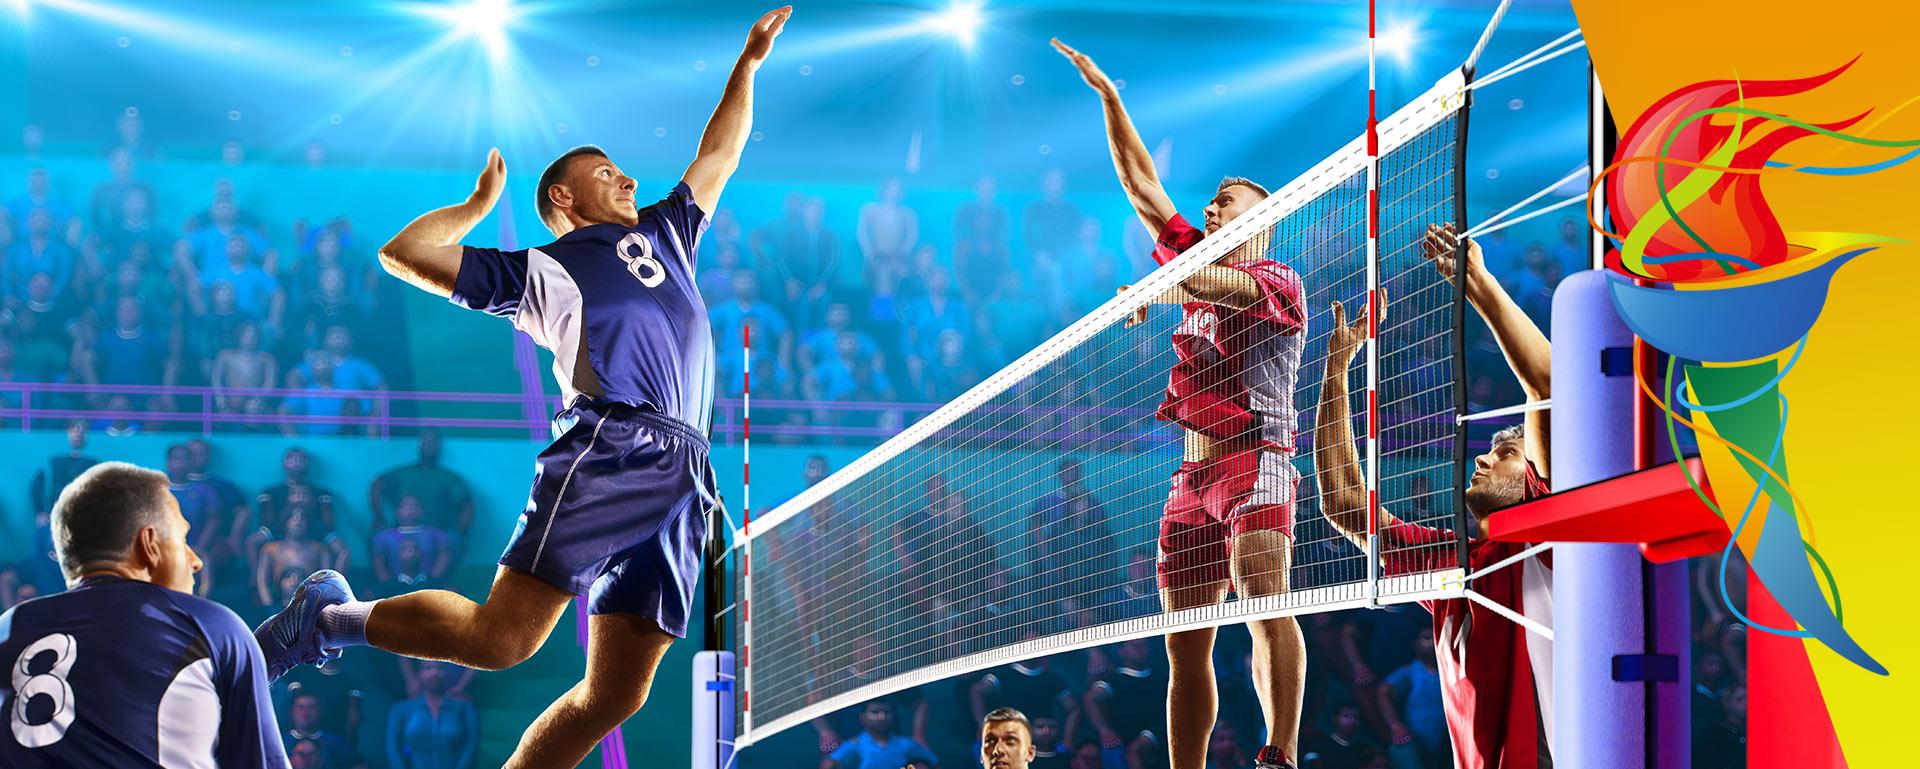 Turniej olimpijski w siatkówce mężczyzn